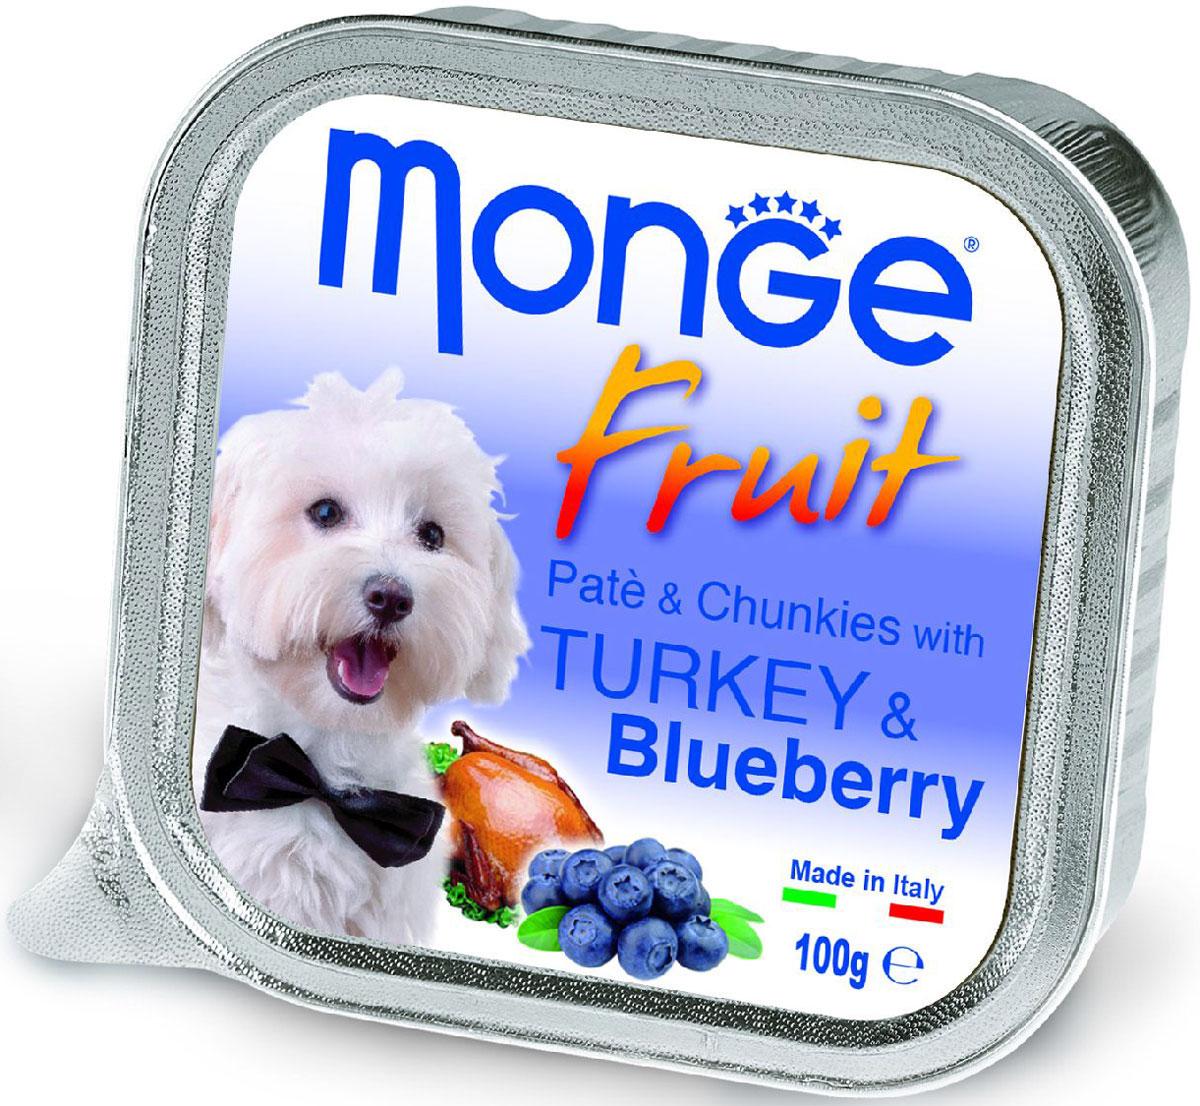 Консервы Monge Dog Fruit, для собак, с индейкой и черникой, 100 г70013208Monge Dog Fruit консервы для собак, индейка с черникой, 100 г. Полнорационный корм для собак. Паштет с индейкой и черникой. Рекомендации по кормлению: для собак средних пород минимум 400 граммов продукта в день. Подавать корм комнатной температуры. Убедитесь, что у собаки есть доступ к свежей чистой воде. Хранить при комнатной температуре, после вскрытия - в холодильнике. Гарантированный анализ: сырой белок 8,5%, сырые масла и жиры 7%, сырая зола 2,2%, сырая клетчатка 0,5%. Влажность 80%. Пищевые добавки/кг: витамин А 3000 МЕ, витамин D3 400 МЕ, витамин Е 15 мг. Ингредиенты: свежее мясо 80% (из которого мяса индейки мин. 10%), черника 4%, минеральные вещества, витамины. Технологические добавки: загустители и желеобразующие компоненты. Пищевые добавки/кг: витамин А 3000 МЕ, витамин D3 400 МЕ, витамин Е 15 мг. Рекомендации по кормлению: продукт подавать комнатной температуры или подогретый. Важно, чтобы животное всегда имело доступ к чистой, свежей воде....